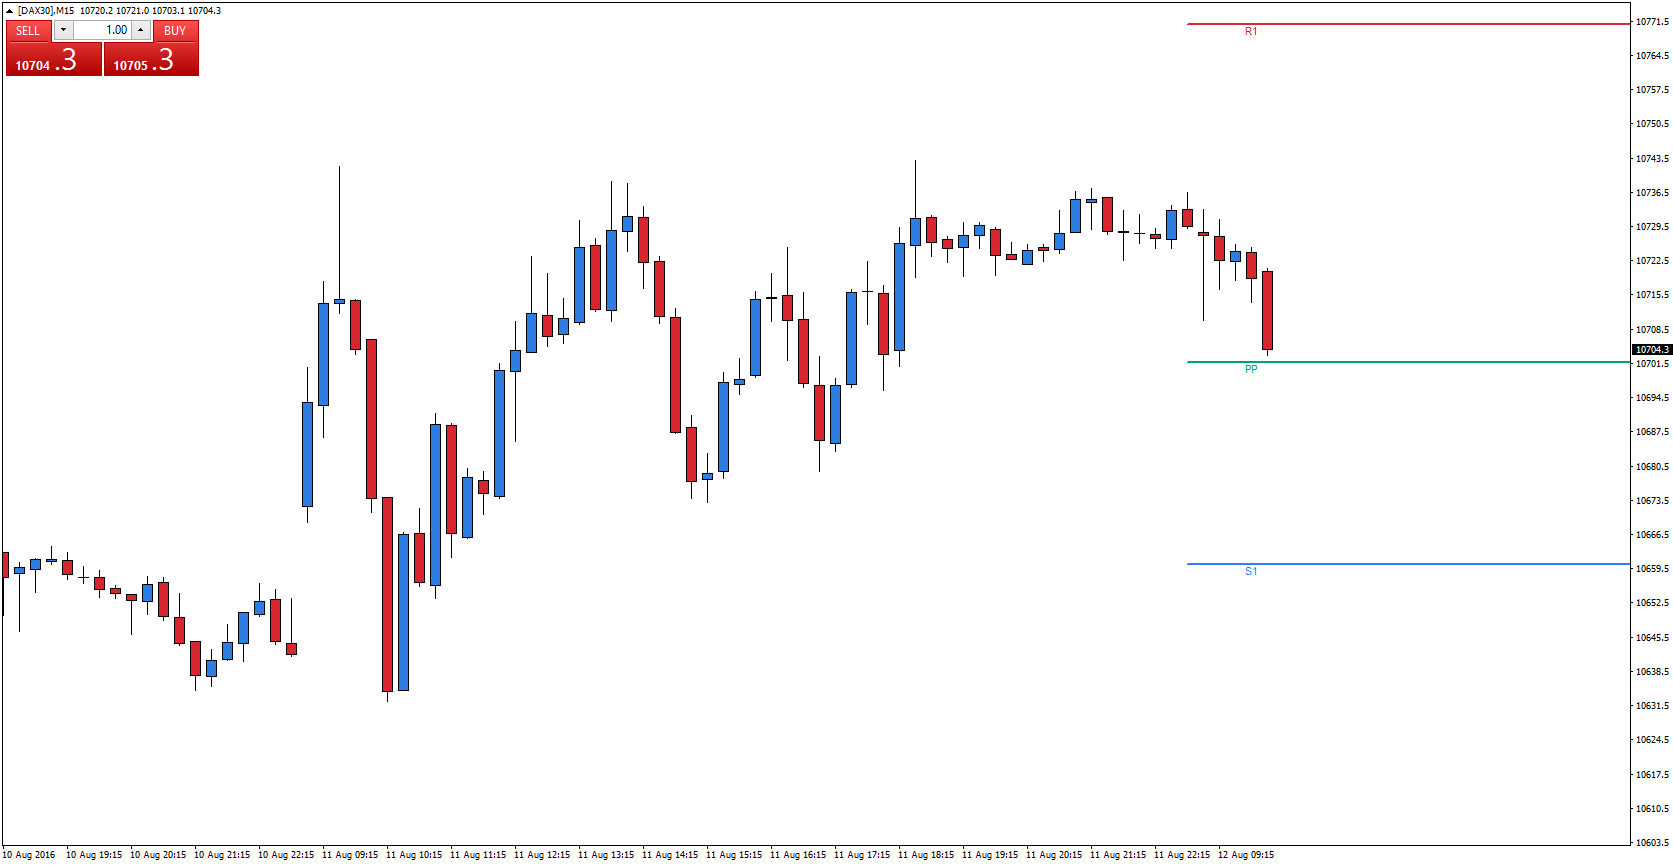 dax30-m15-admiral-markets-as